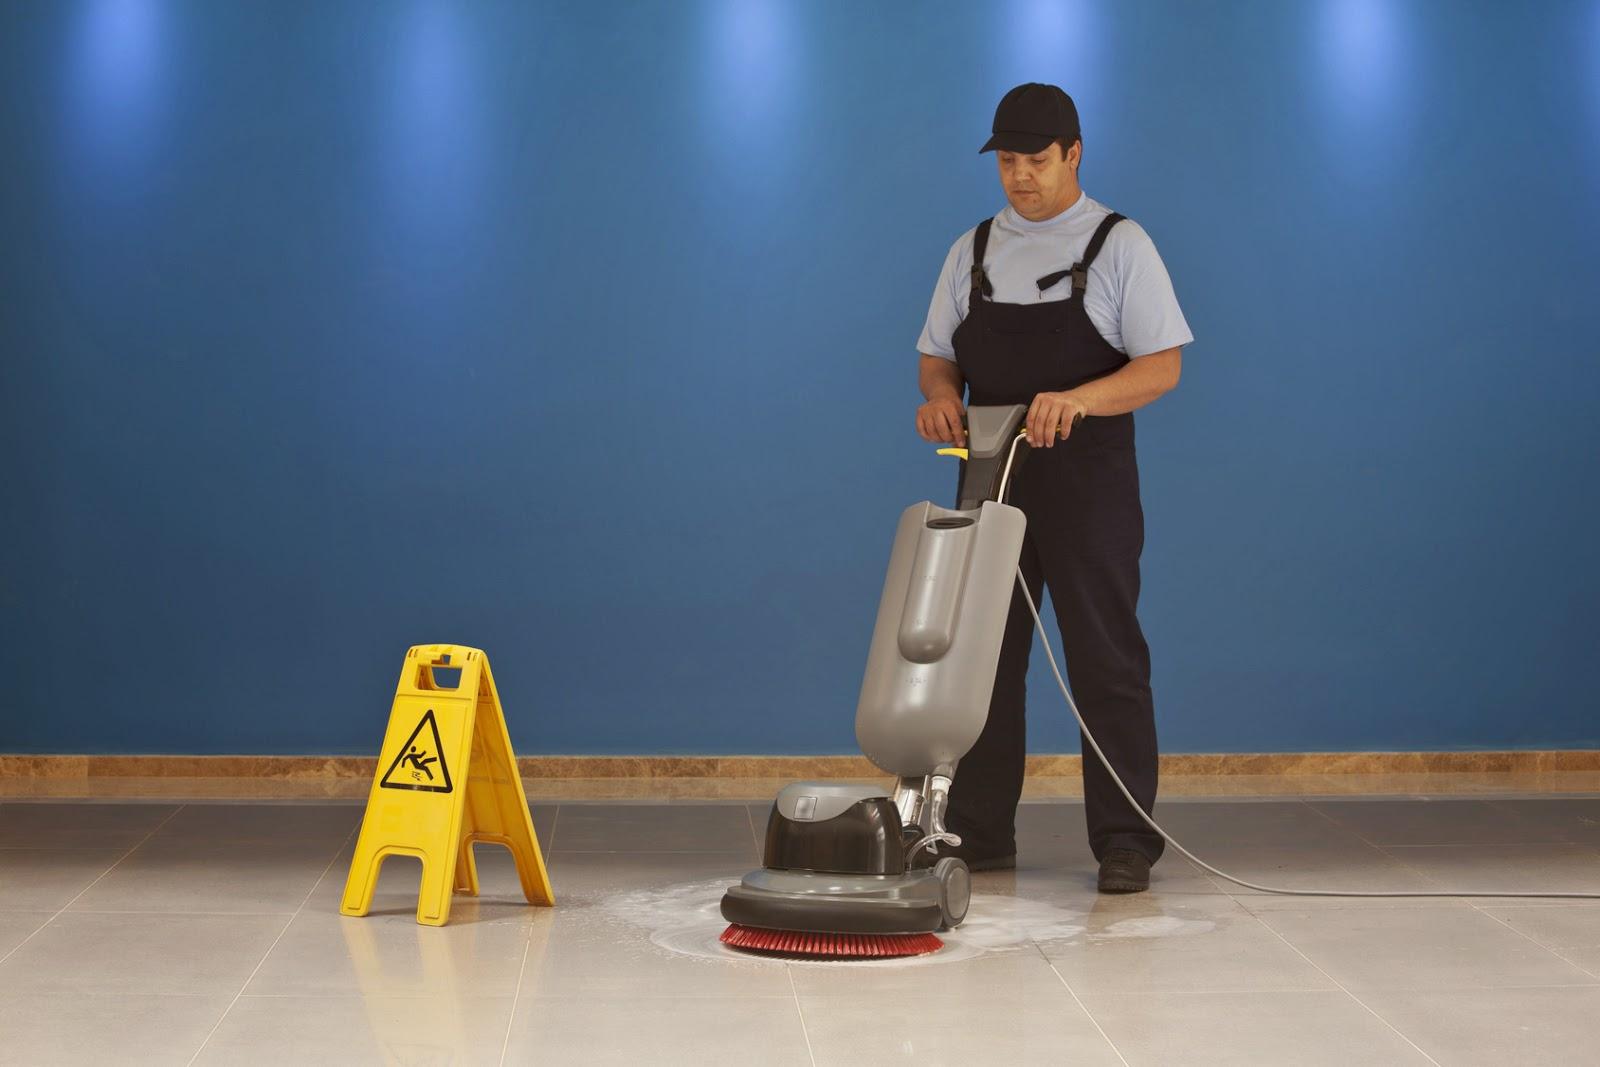 jasa bersih rumah bandung jasa membersihkan rumah bandung